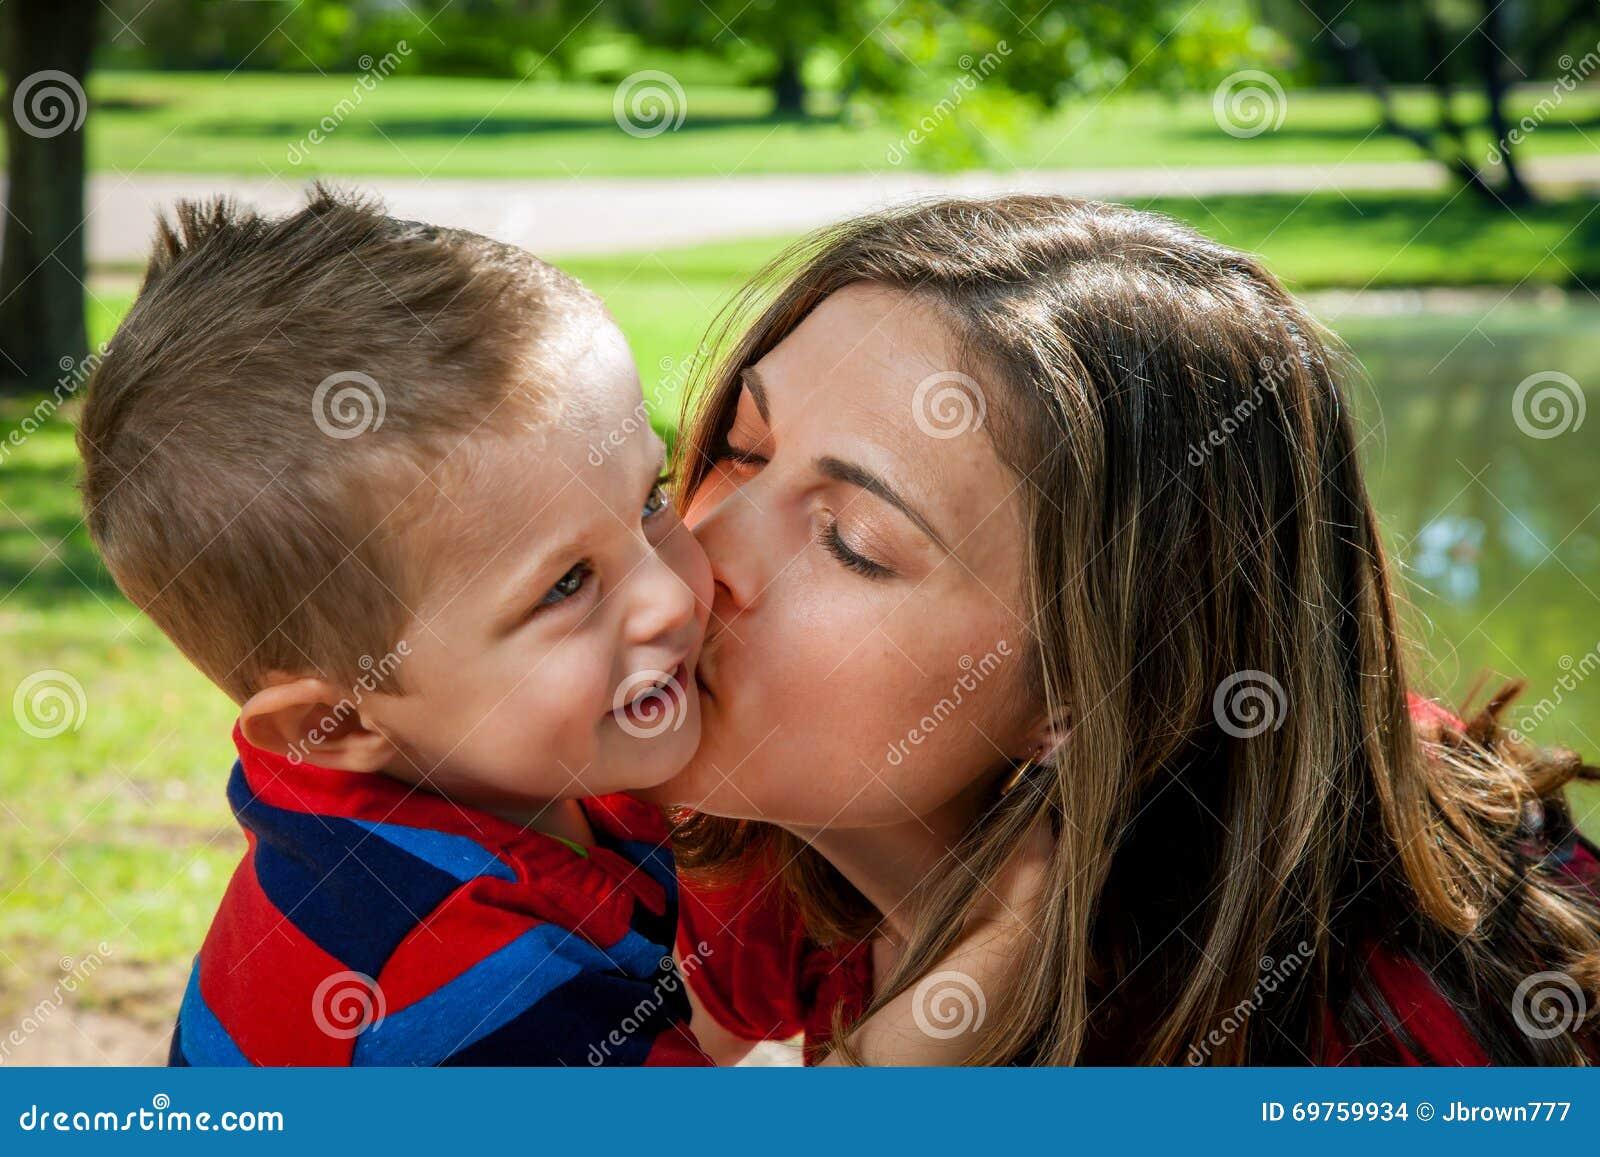 Сын чмокнул свою мать, Сын ебёт маму -видео. Смотреть сын ебёт маму 19 фотография